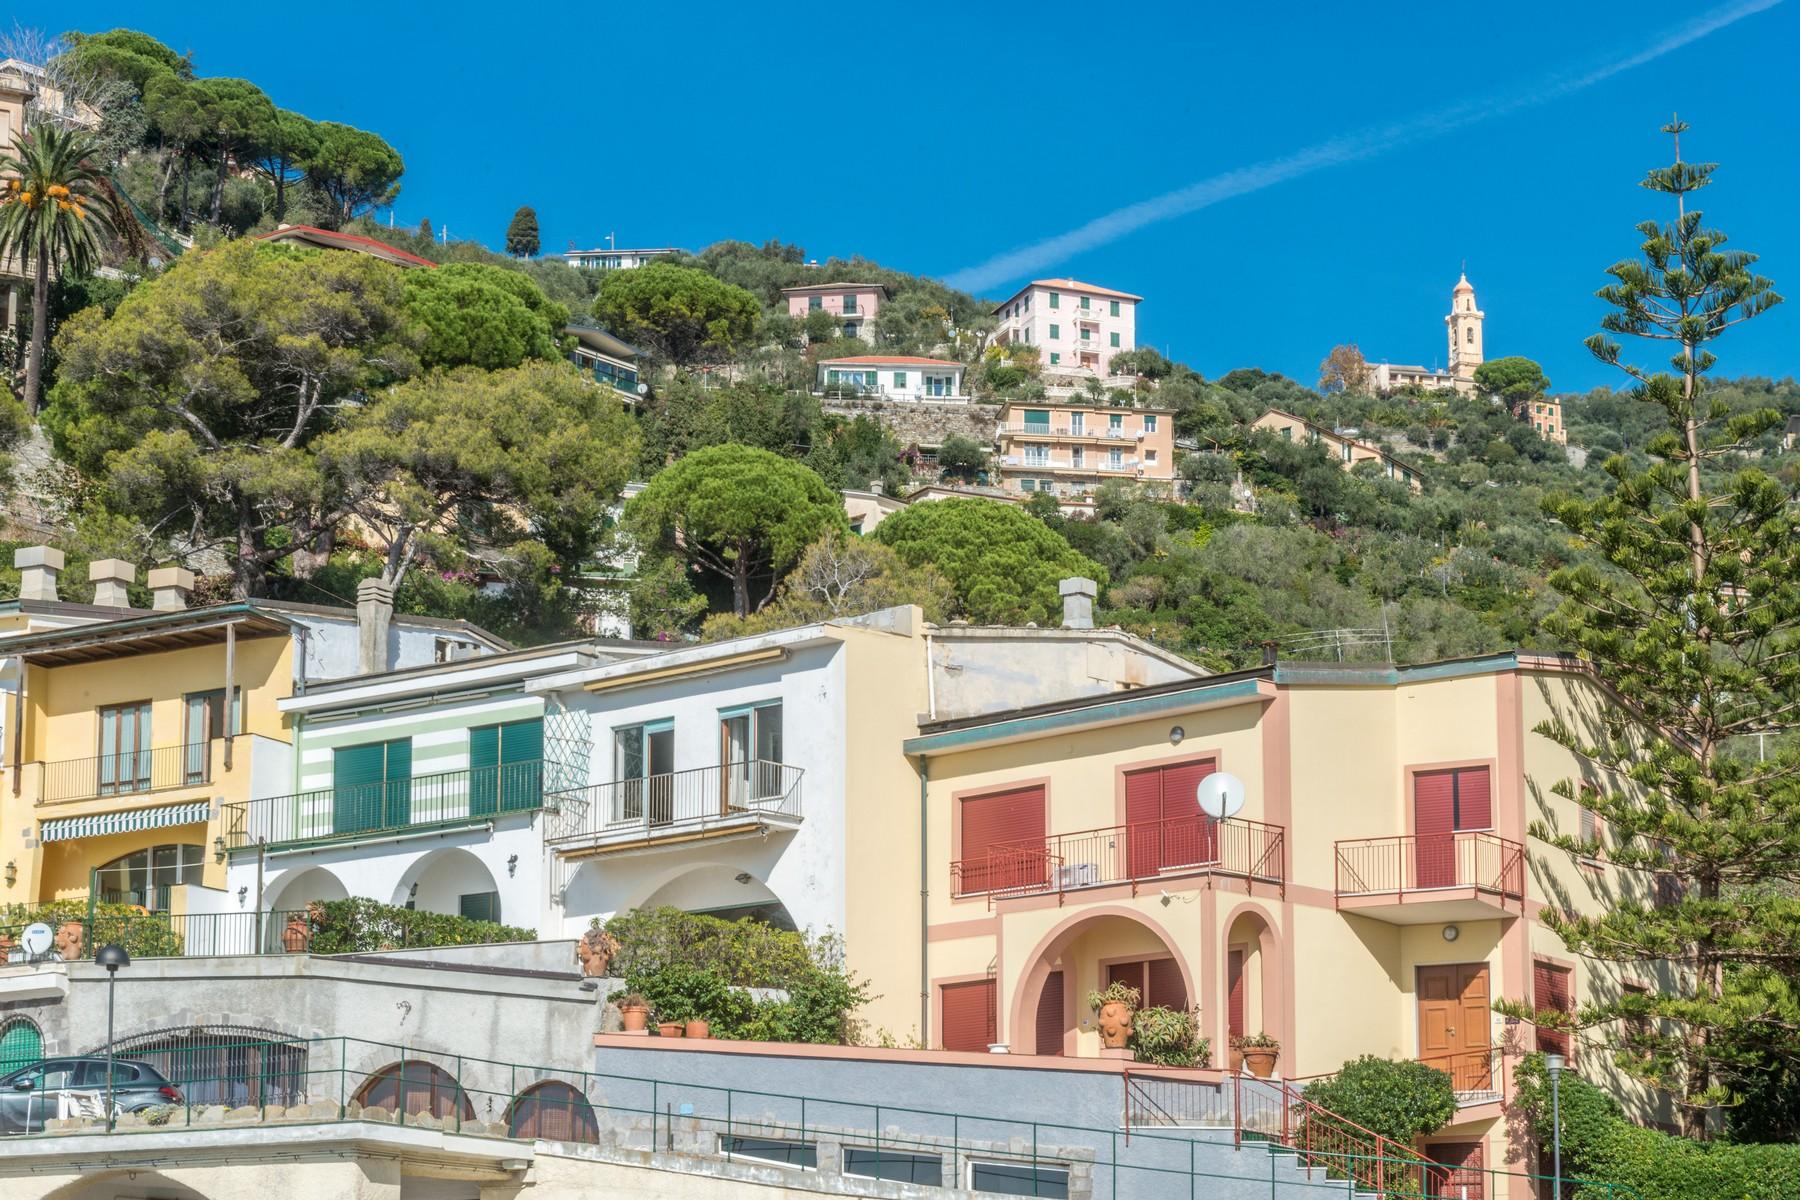 Casa indipendente di lusso in vendita a zoagli via marina for Vendita case lusso